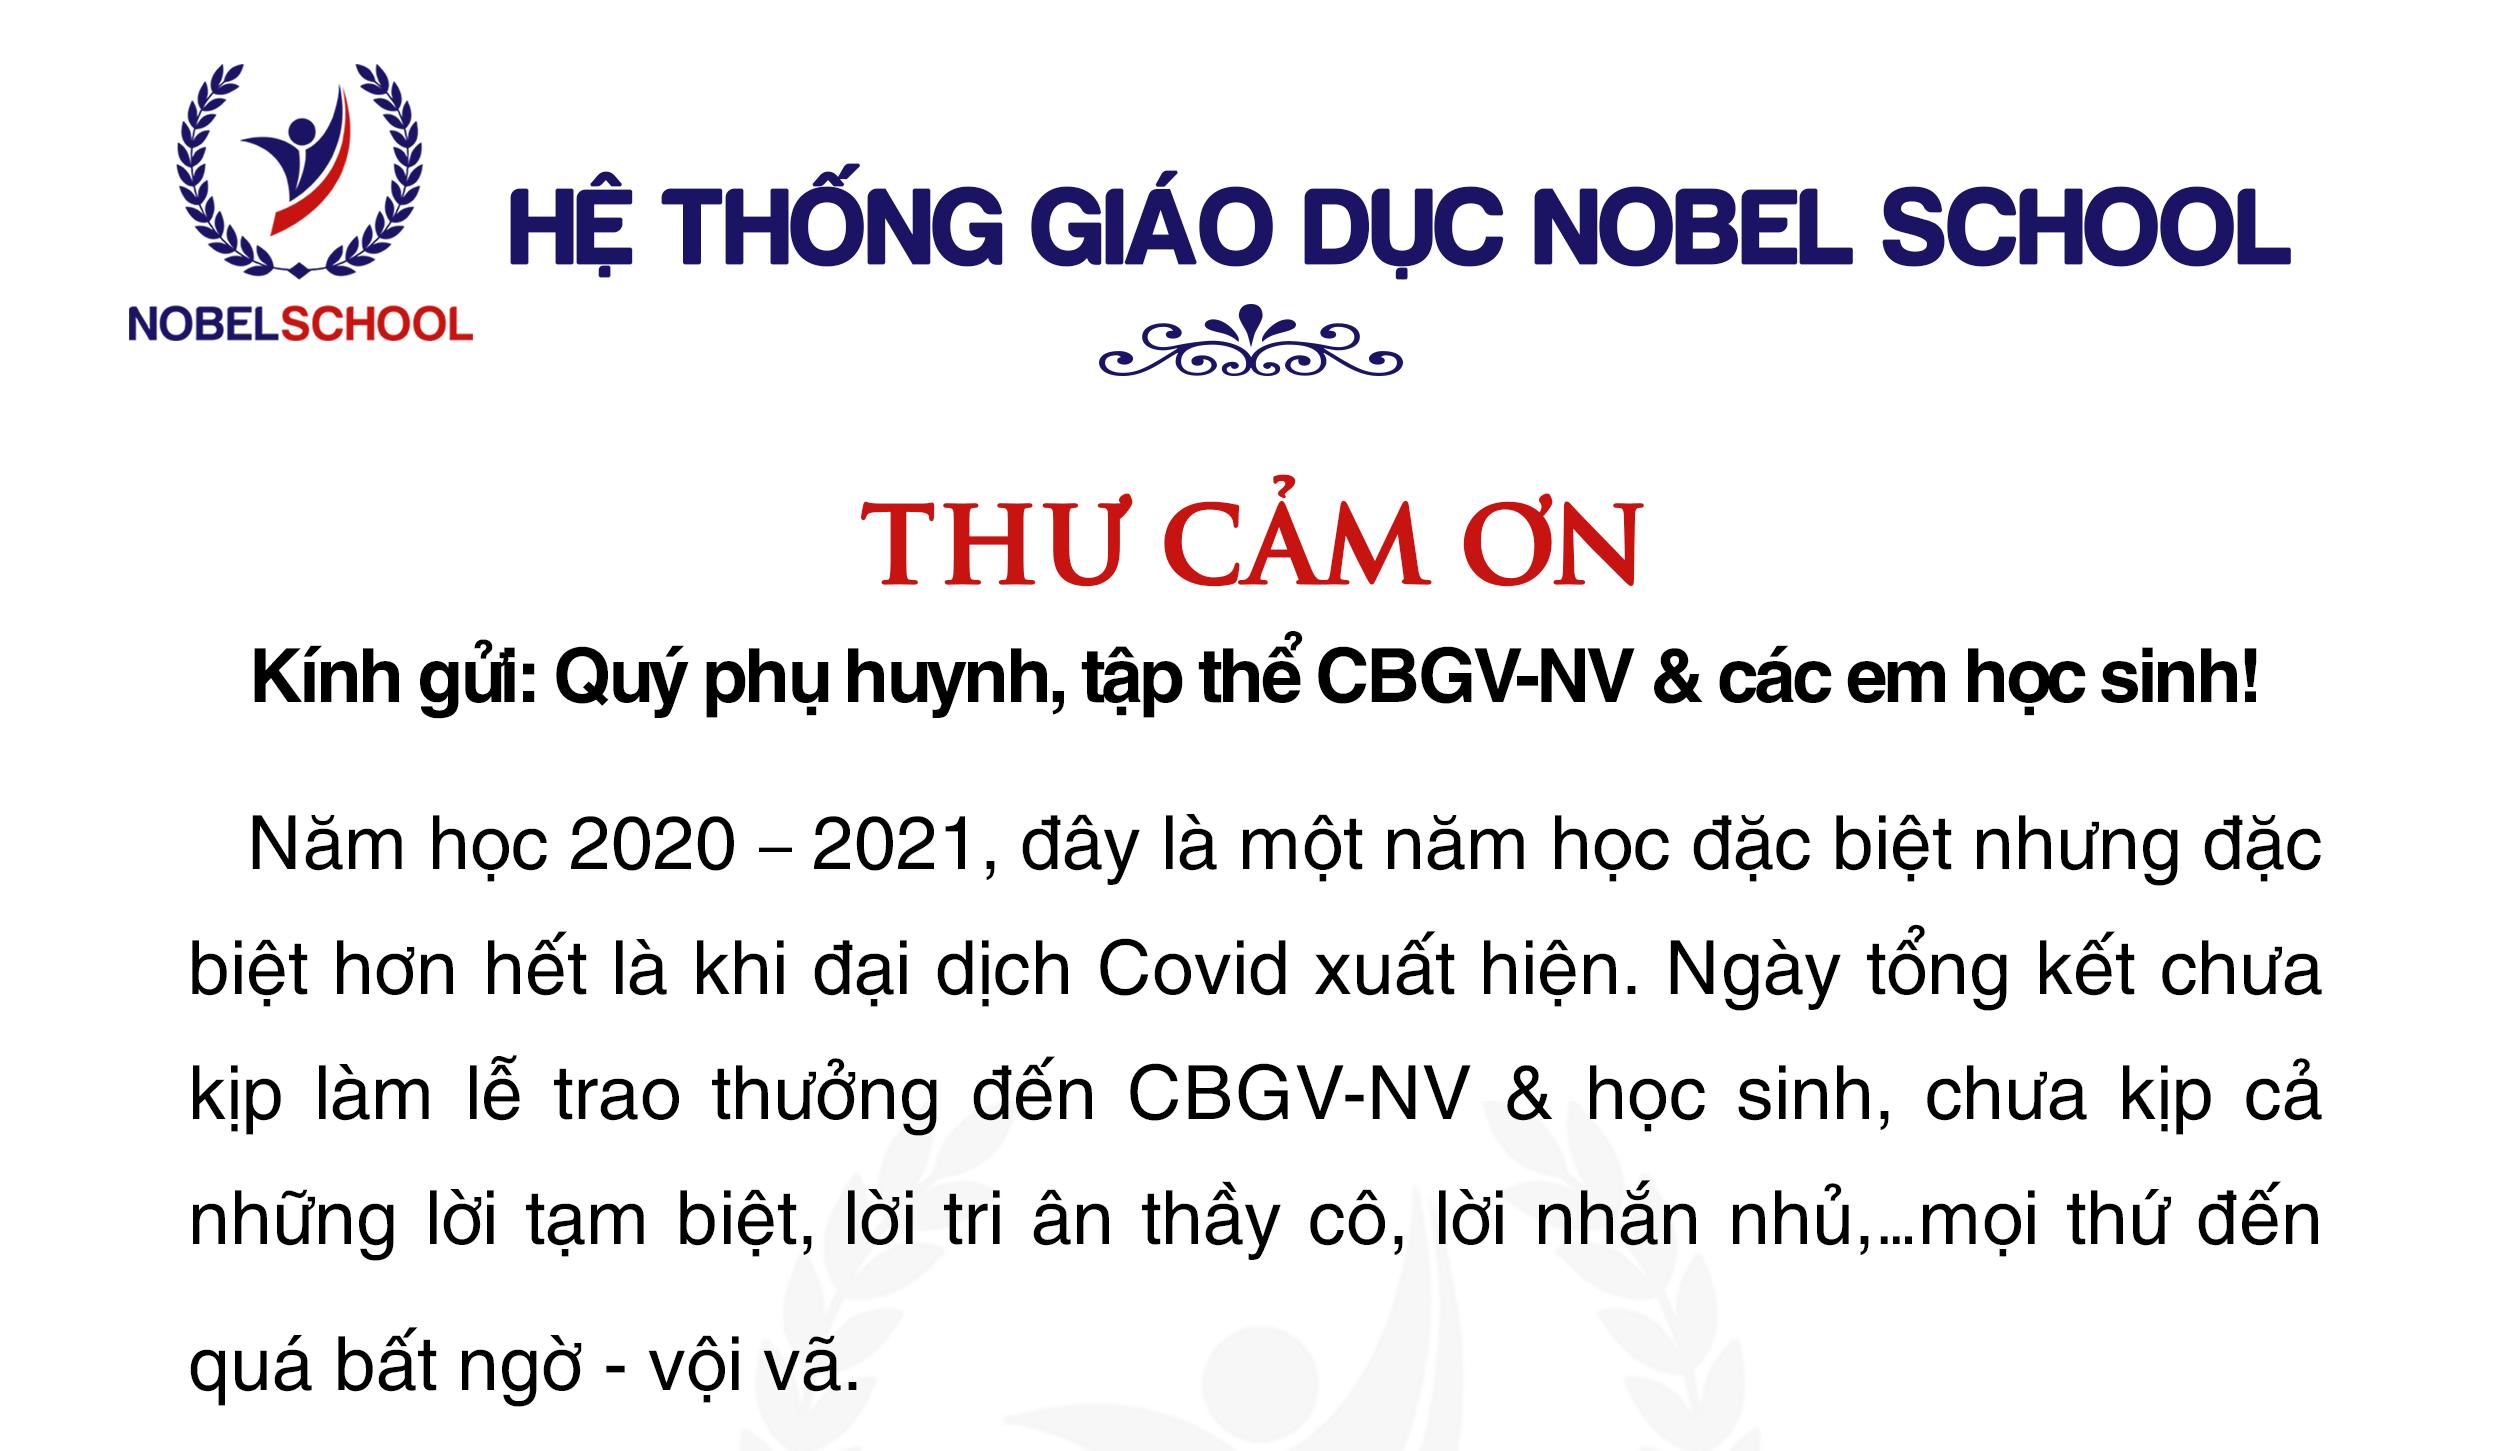 Phó Chủ tịch HĐQT gửi thư cảm ơn đến Quý phụ huynh, CBGVNV và các em học sinh trong hệ thống giáo dục Nobel School